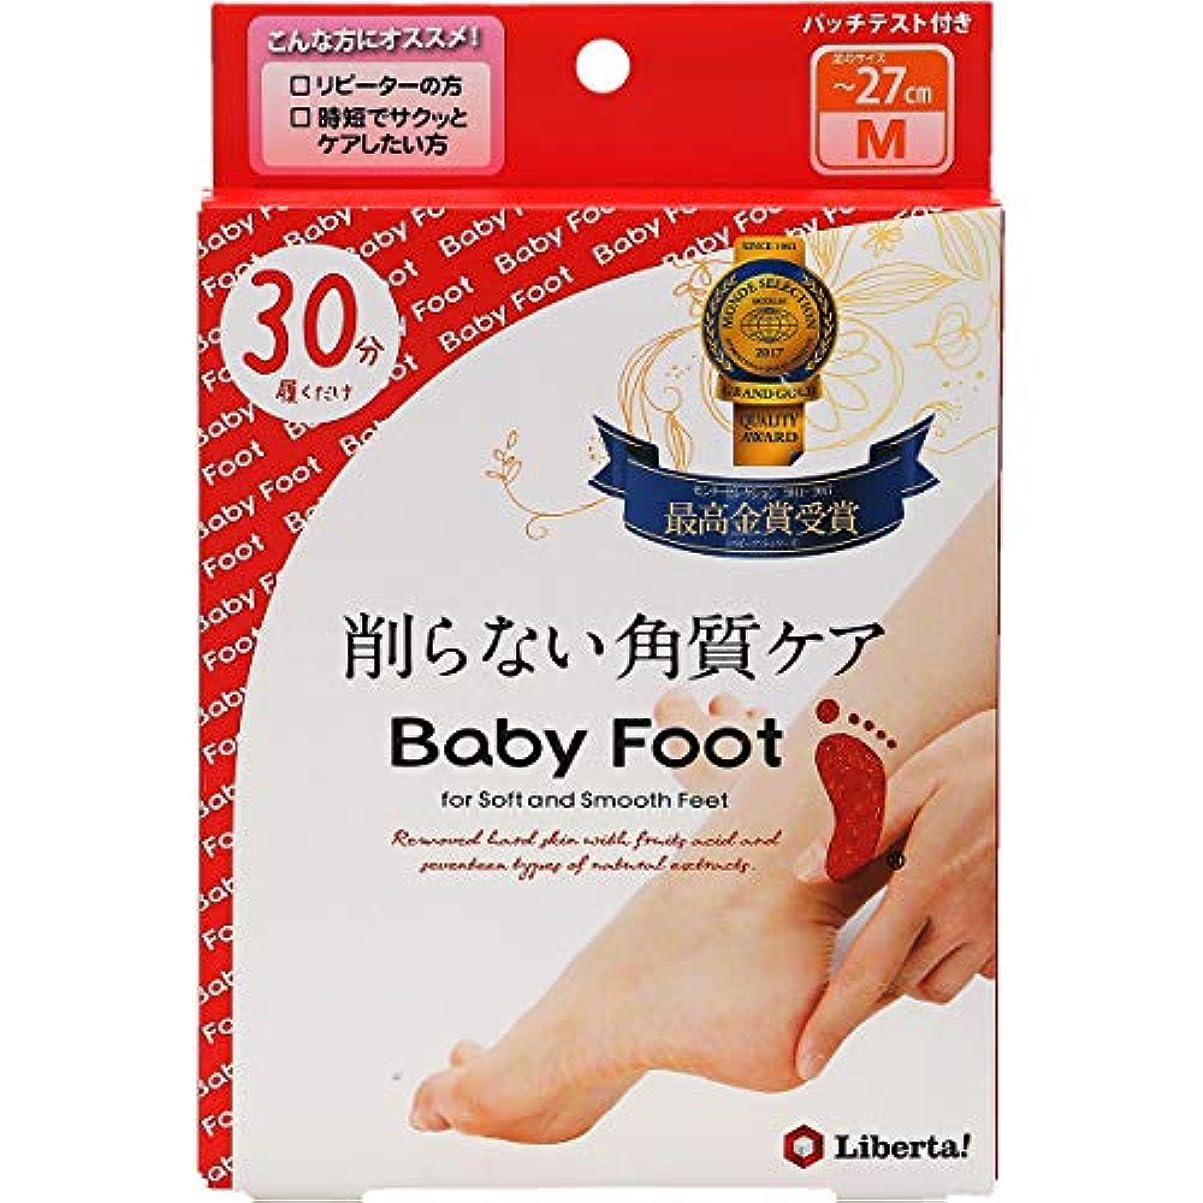 活性化にはまって時々ベビーフット (Baby Foot) ベビーフット イージーパック30分タイプ Mサイズ 単品